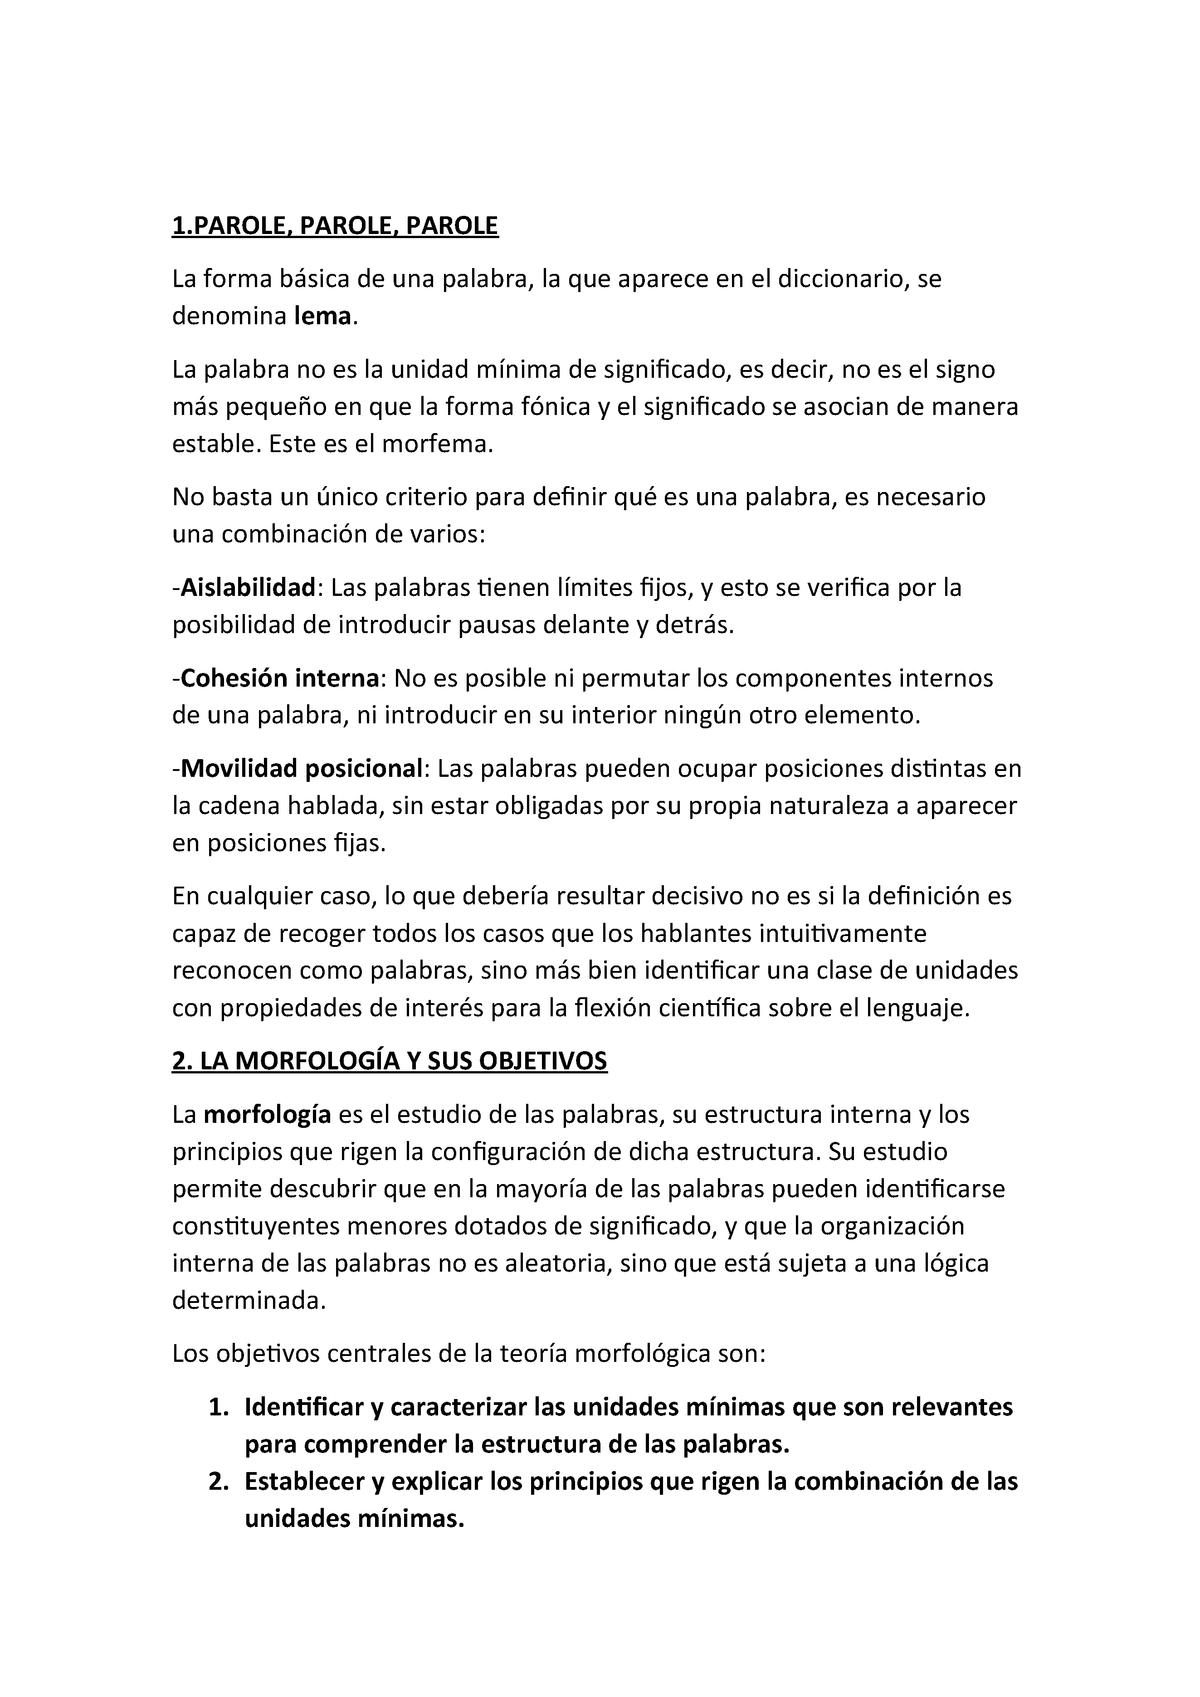 Tema 4 La Estructura De Las Palabras Morfología 64901019